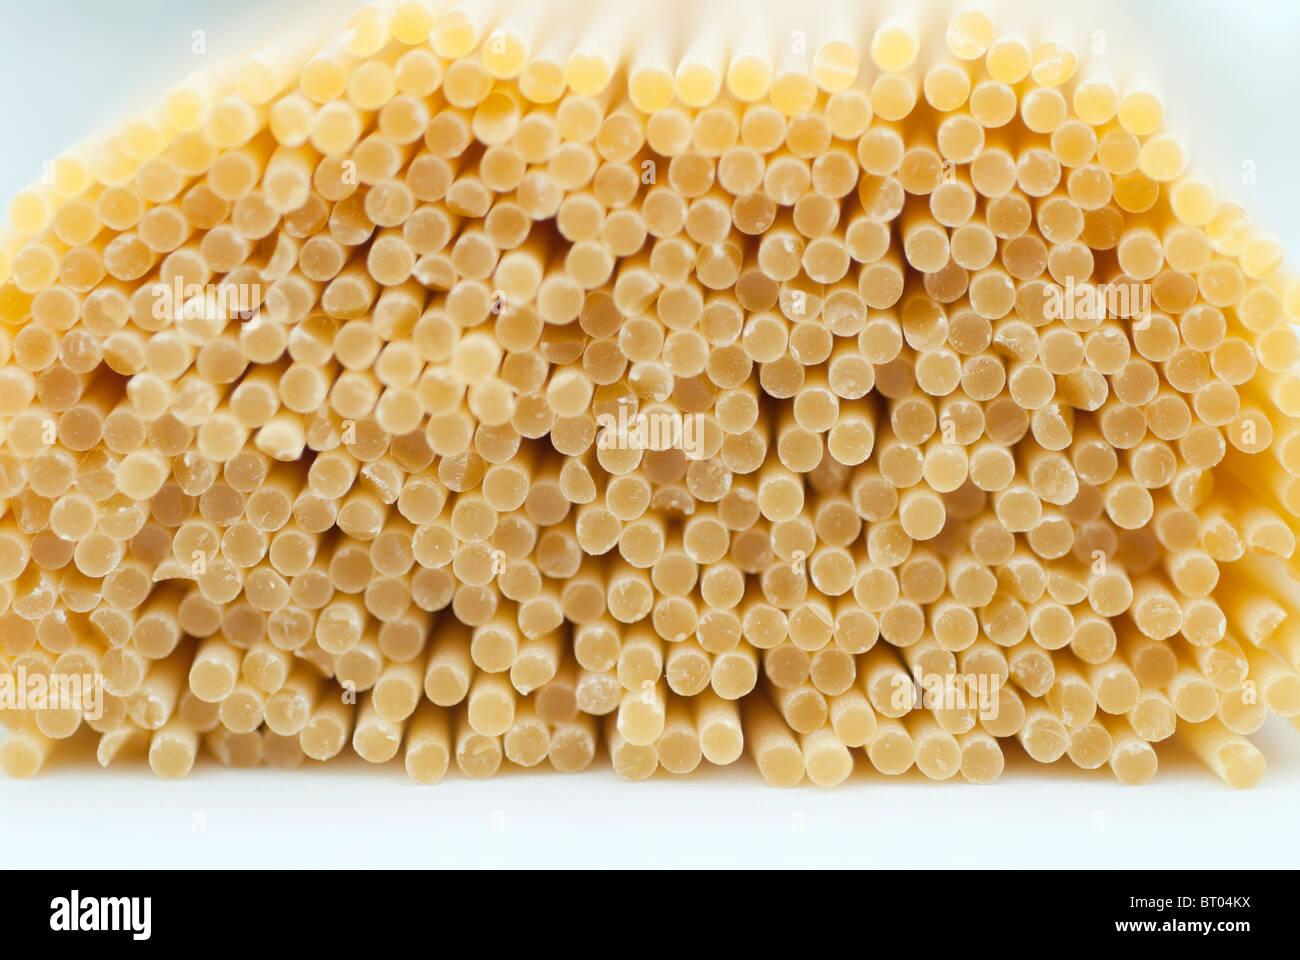 Spaghettit - Stock Image